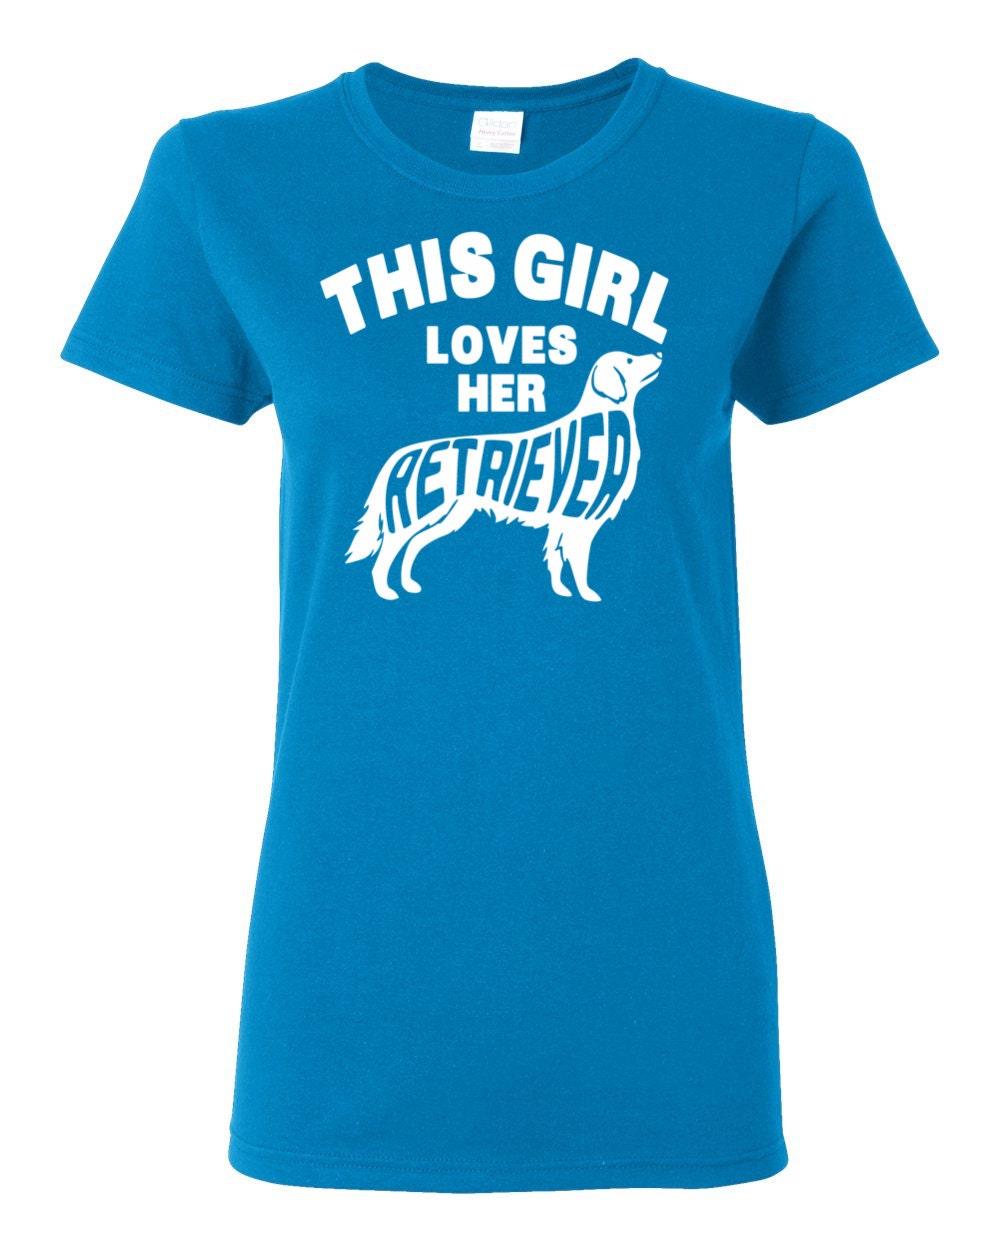 Golden Retriever T-shirt - This Girl Loves Her Retriever - My Dog Retriever Womens T-shirt